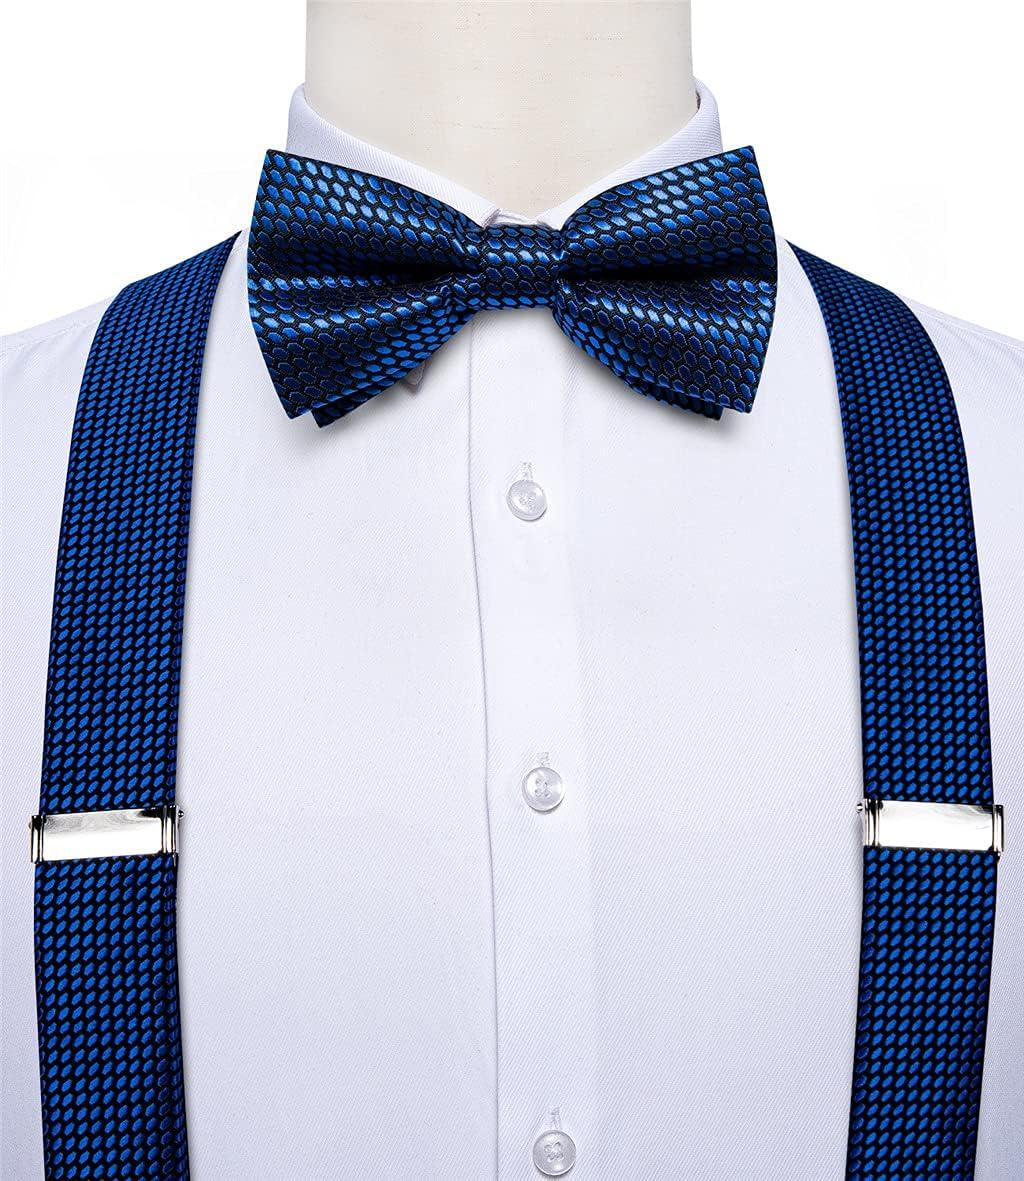 HLDETH Royal Blue Mens Suspenders Bow Tie Set Elastic Silk Leather 6 Clips Braces Y-Back Suspender Butterfly Pocket Square Set (Color : A, Size : Adjustable)